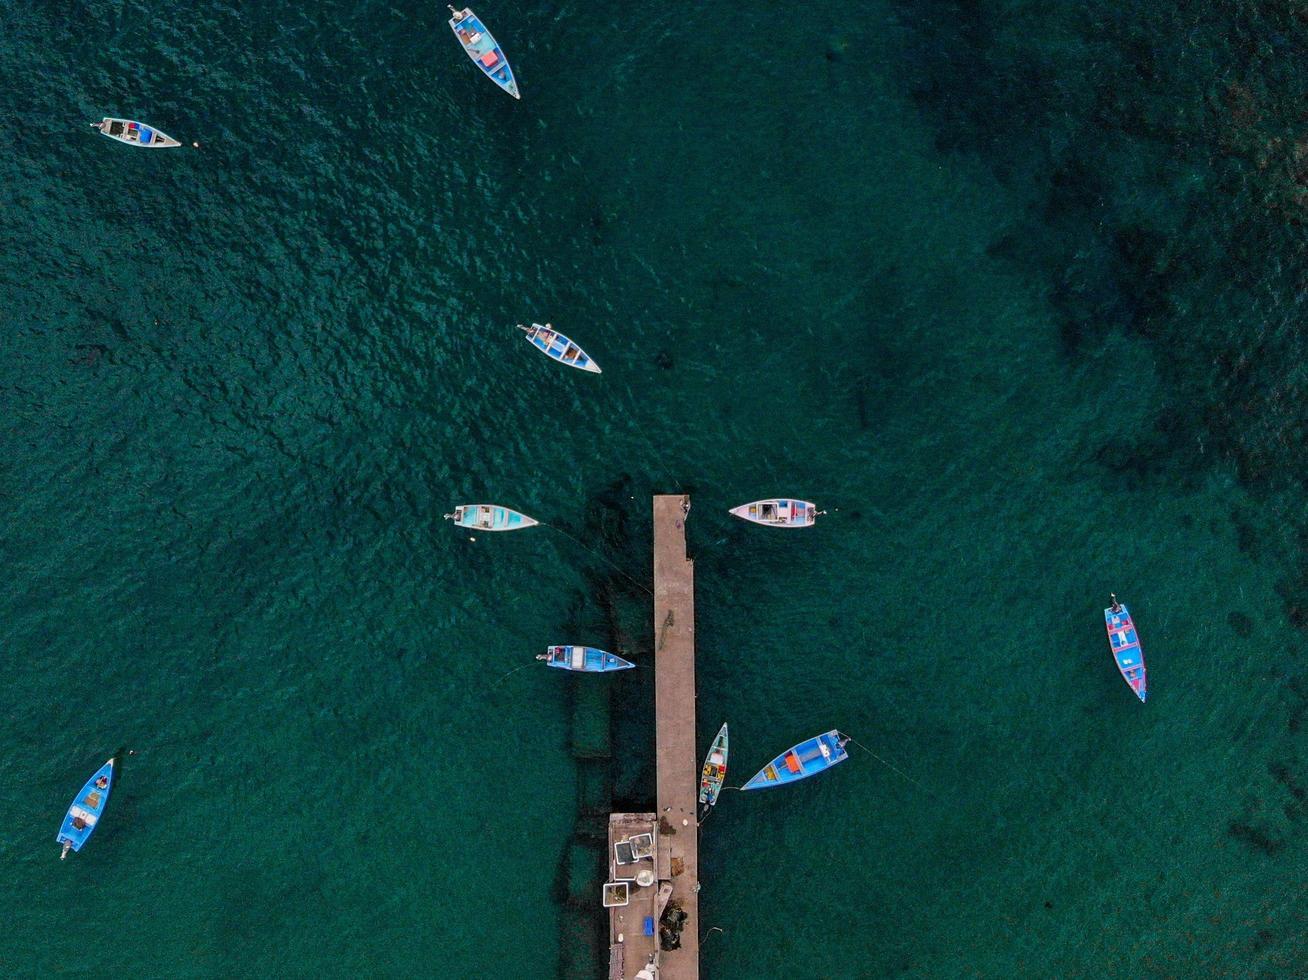 Luftaufnahme von Booten in der Nähe eines Docks foto